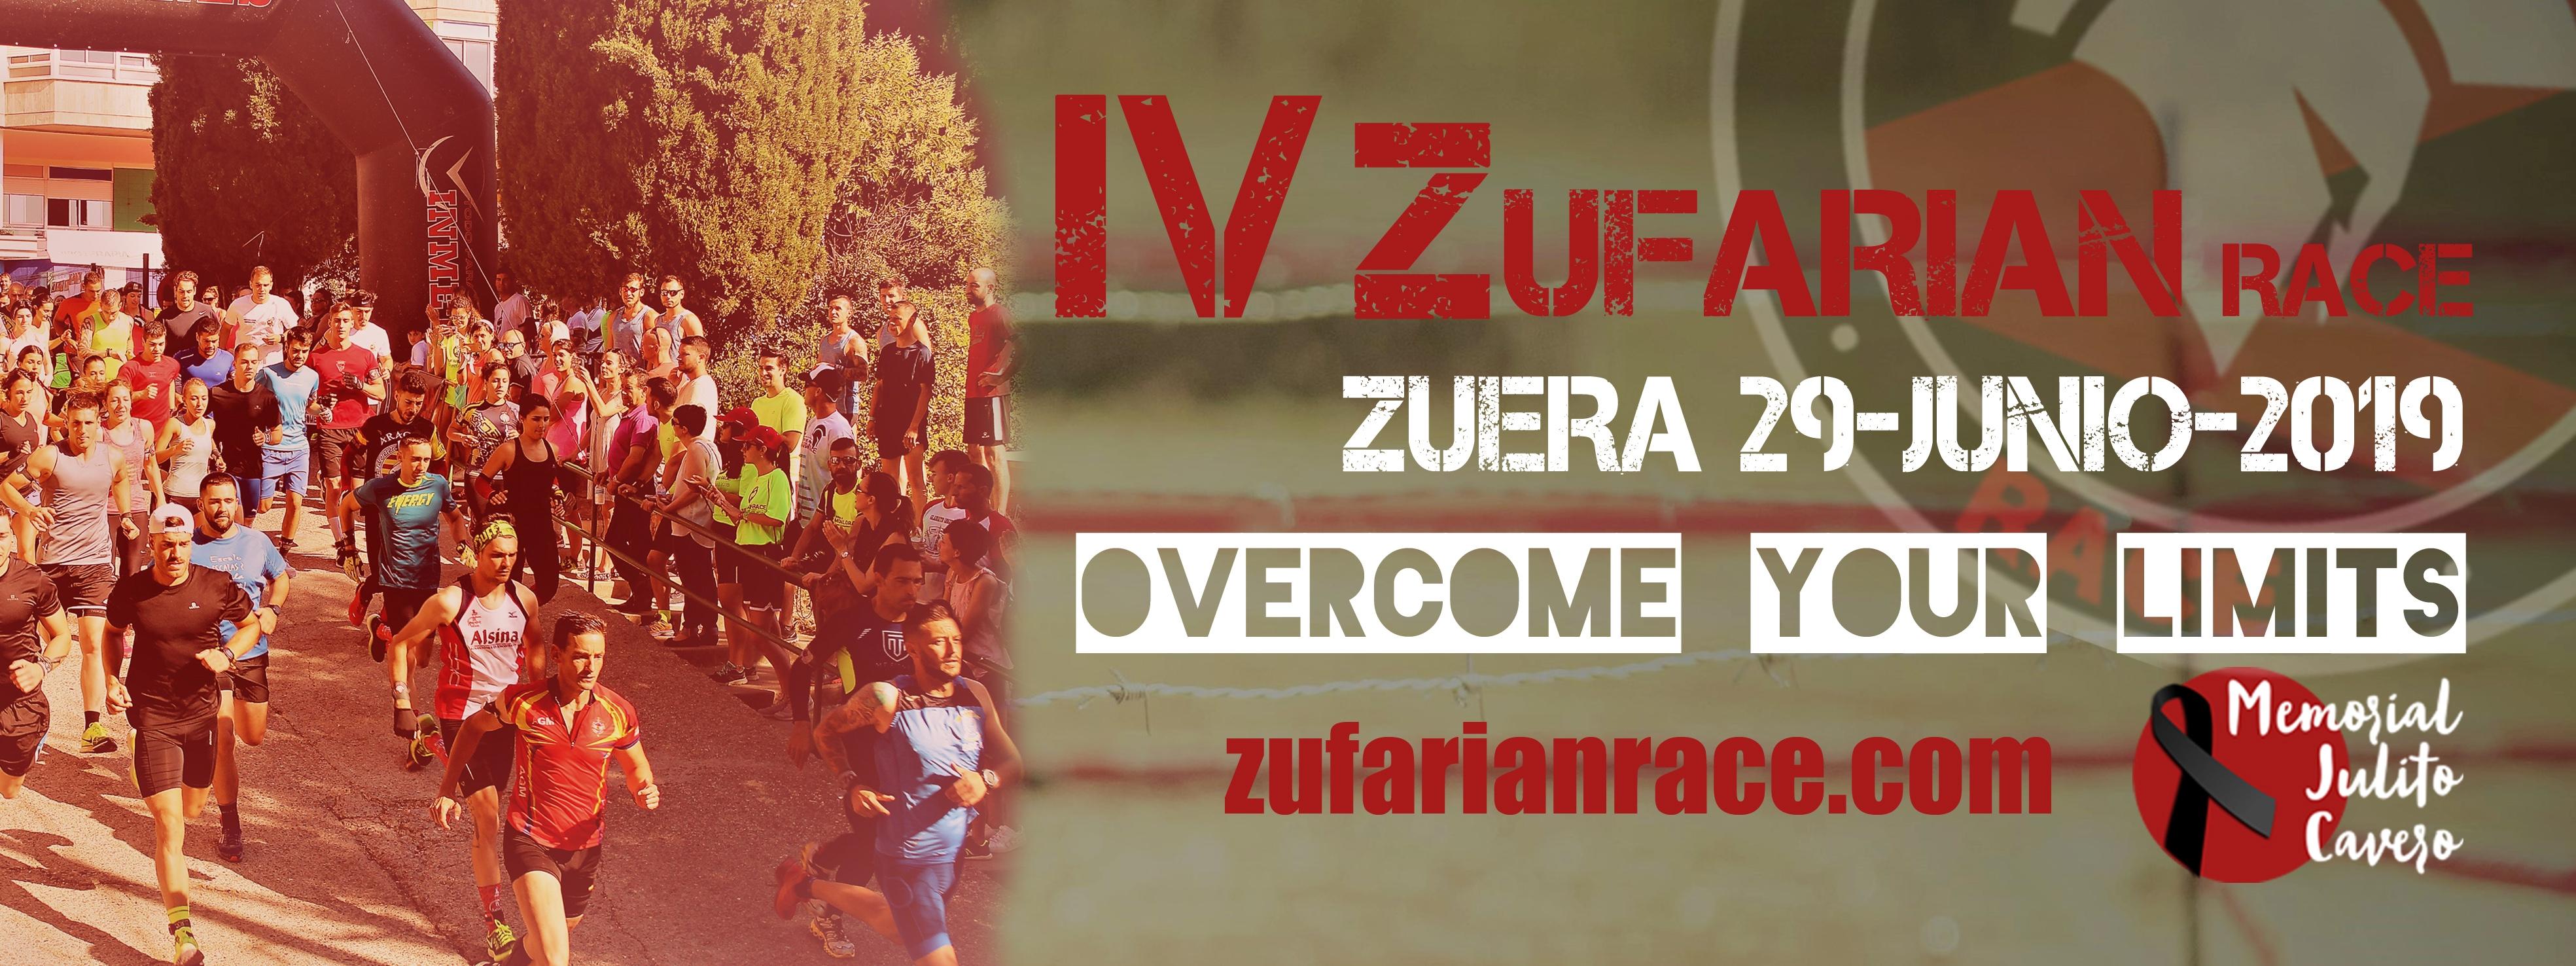 IV ZUFARIAN RACE